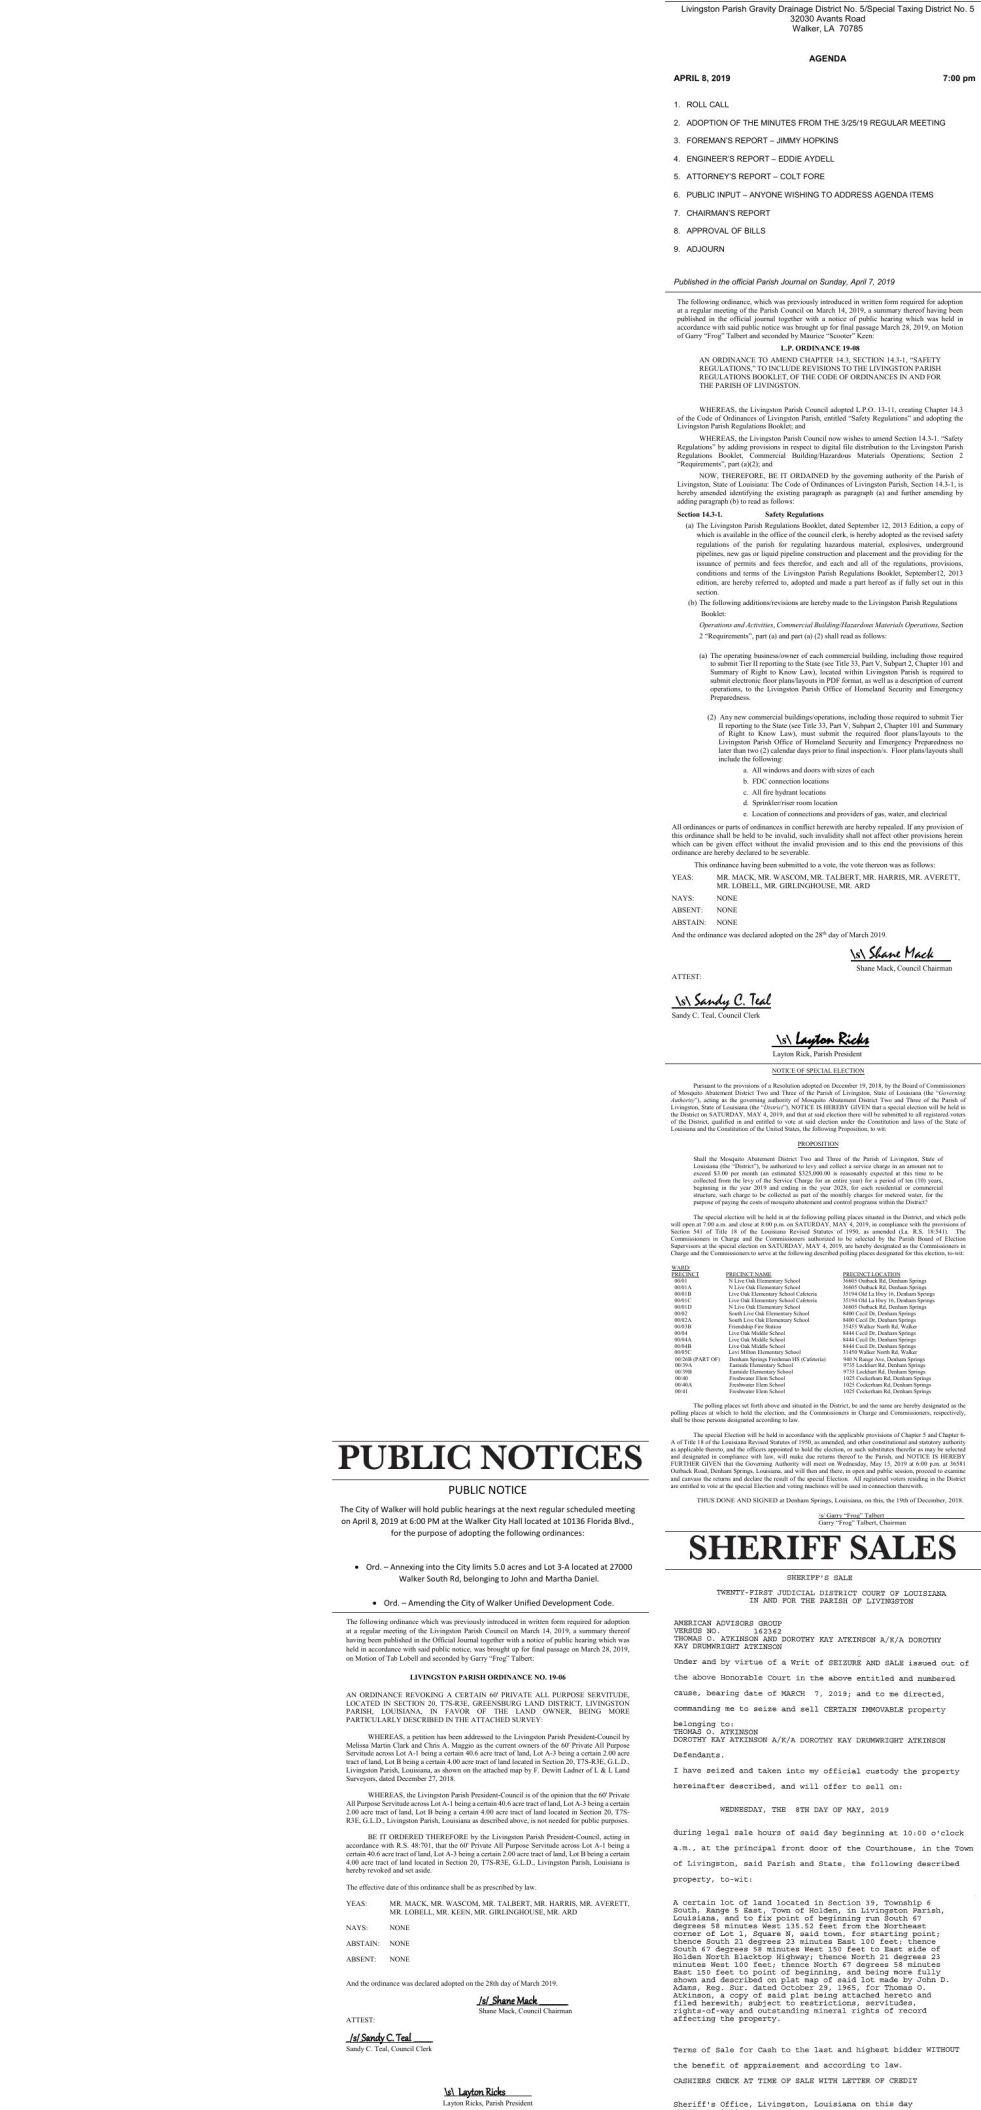 Public Notices published April 7, 2019